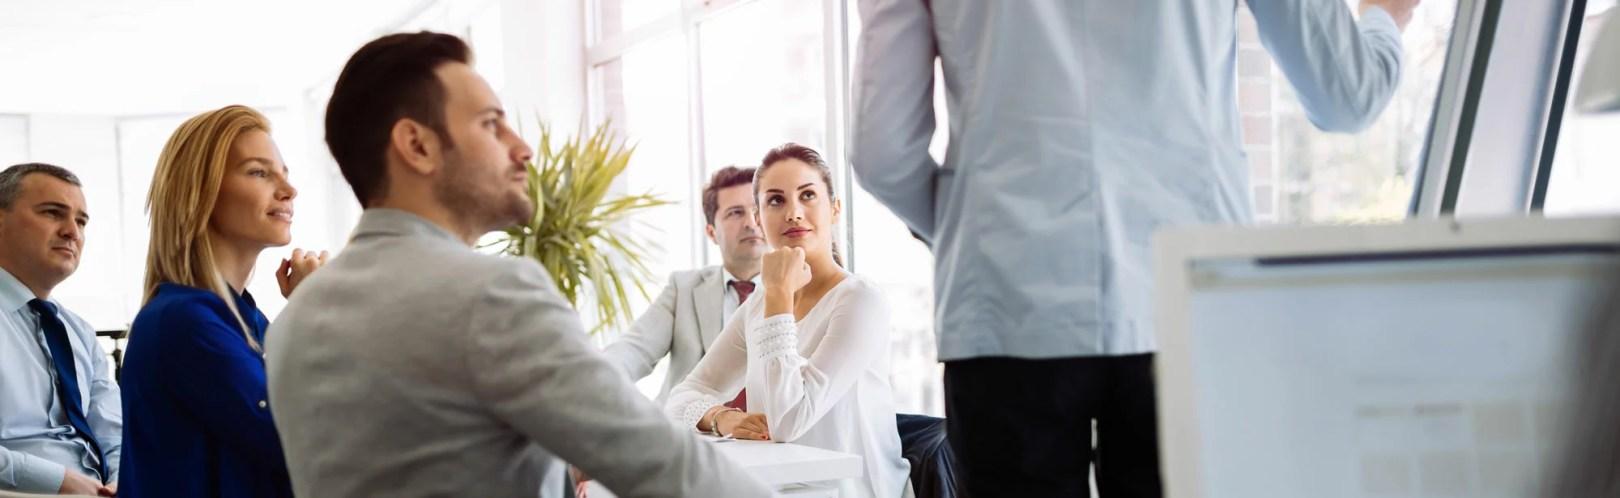 Unternehmenspräsentation erstellen lassen